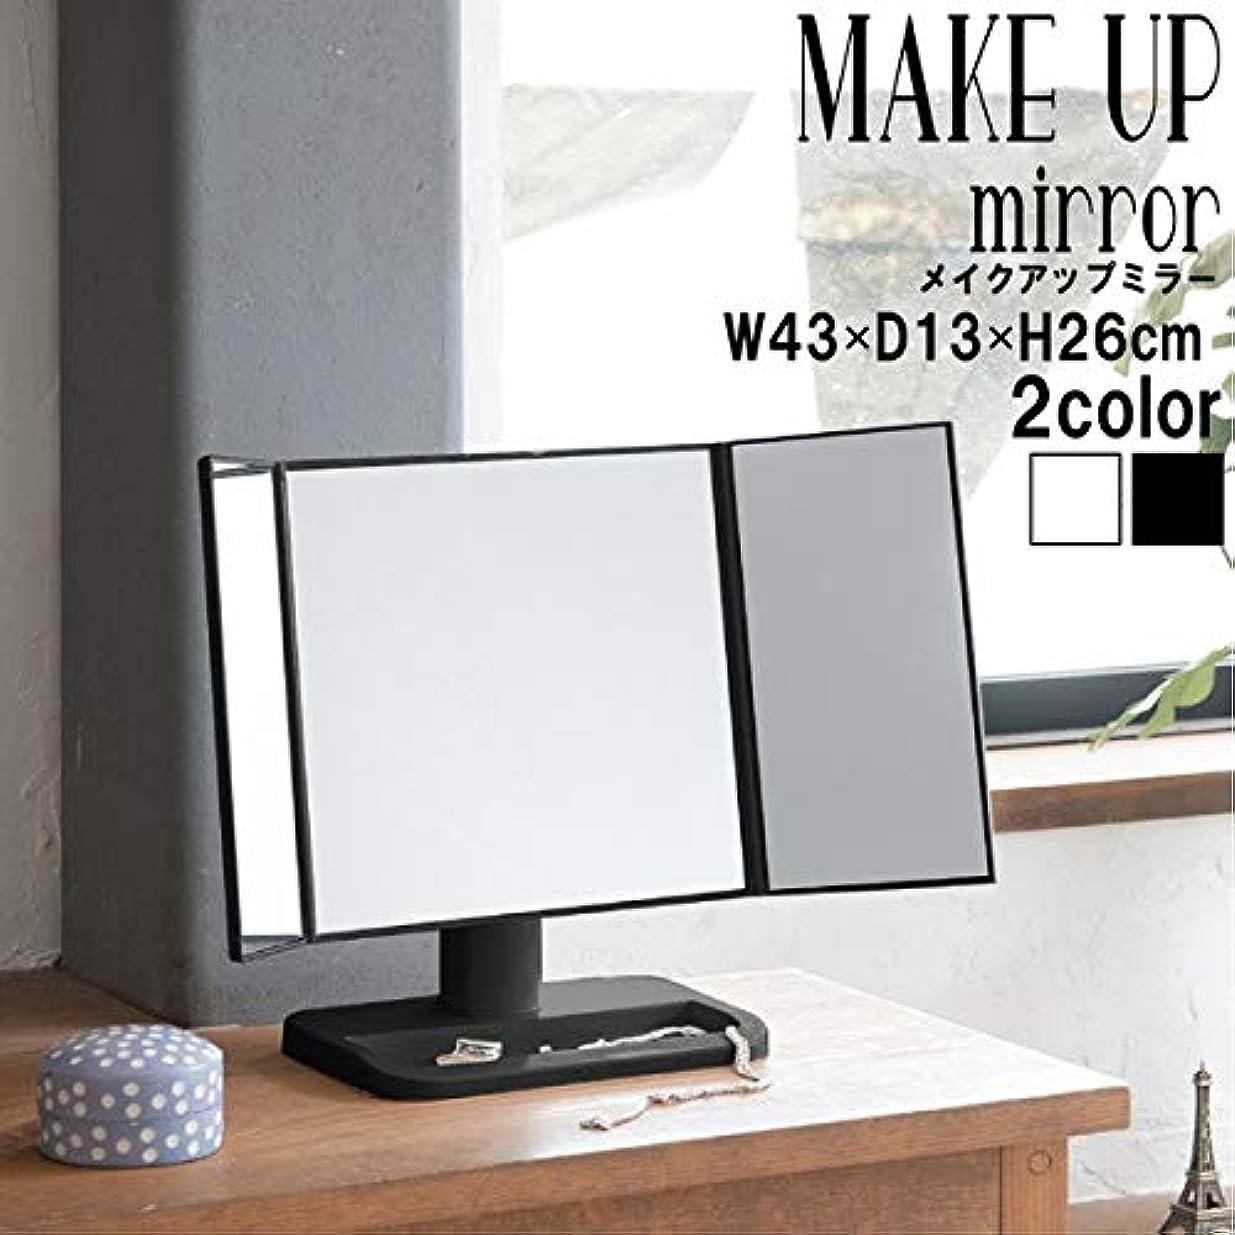 住所スイング楽しいメイクアップミラー(ブラック/黒) 折りたたみ三面鏡/卓上ミラー/飛散防止加工/角度調整可/ワイド/メイク/収納トレイ付き/折り畳み/完成品/NK-242 ds-1520707